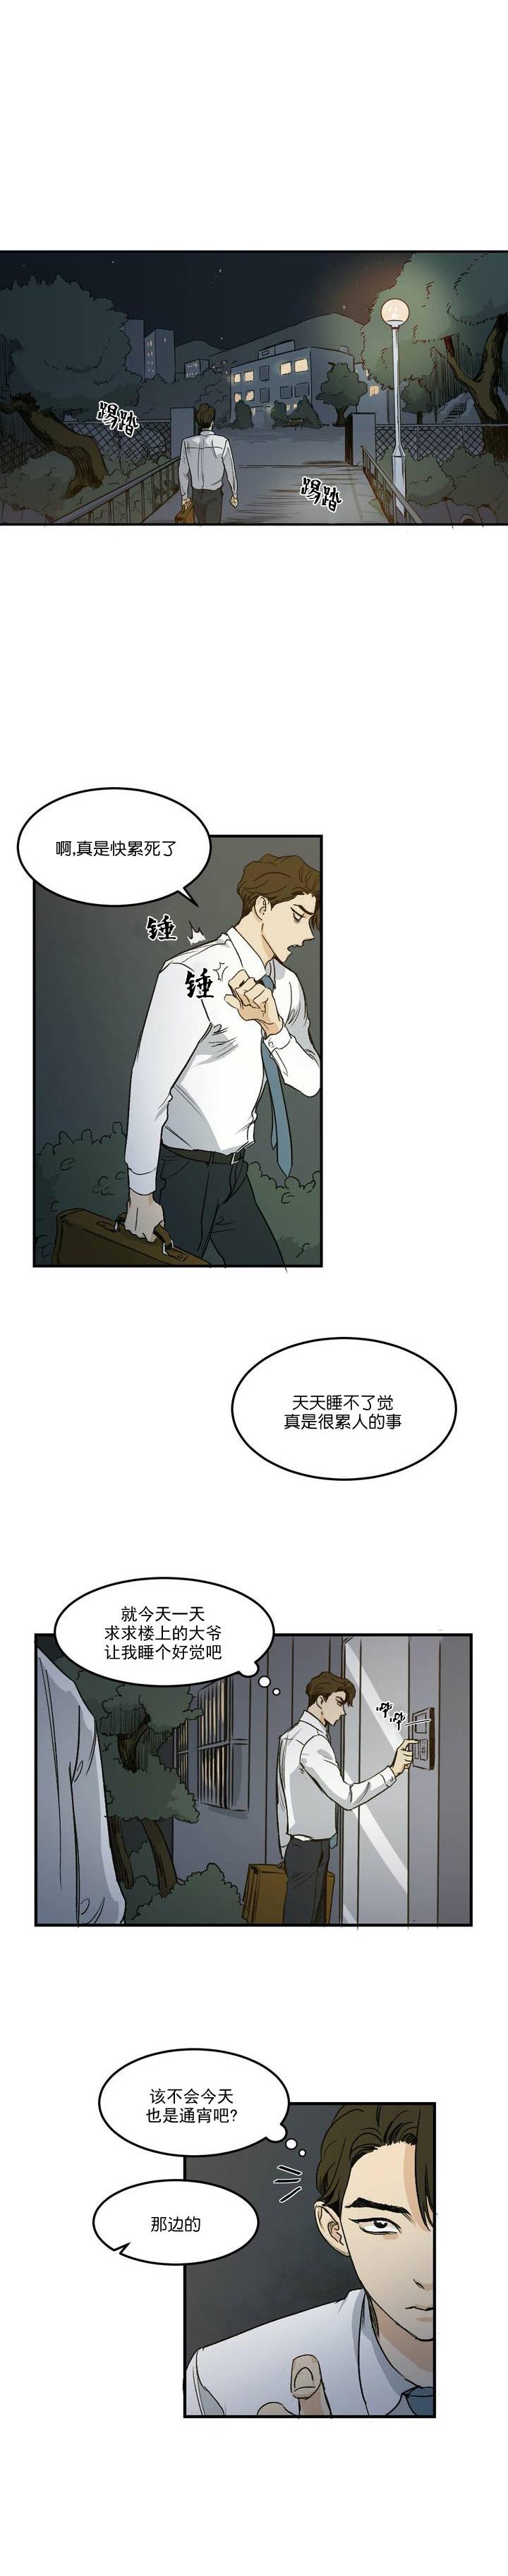 独属于我的星-漫画韩国免费阅读_最新连载首发-啵乐漫画